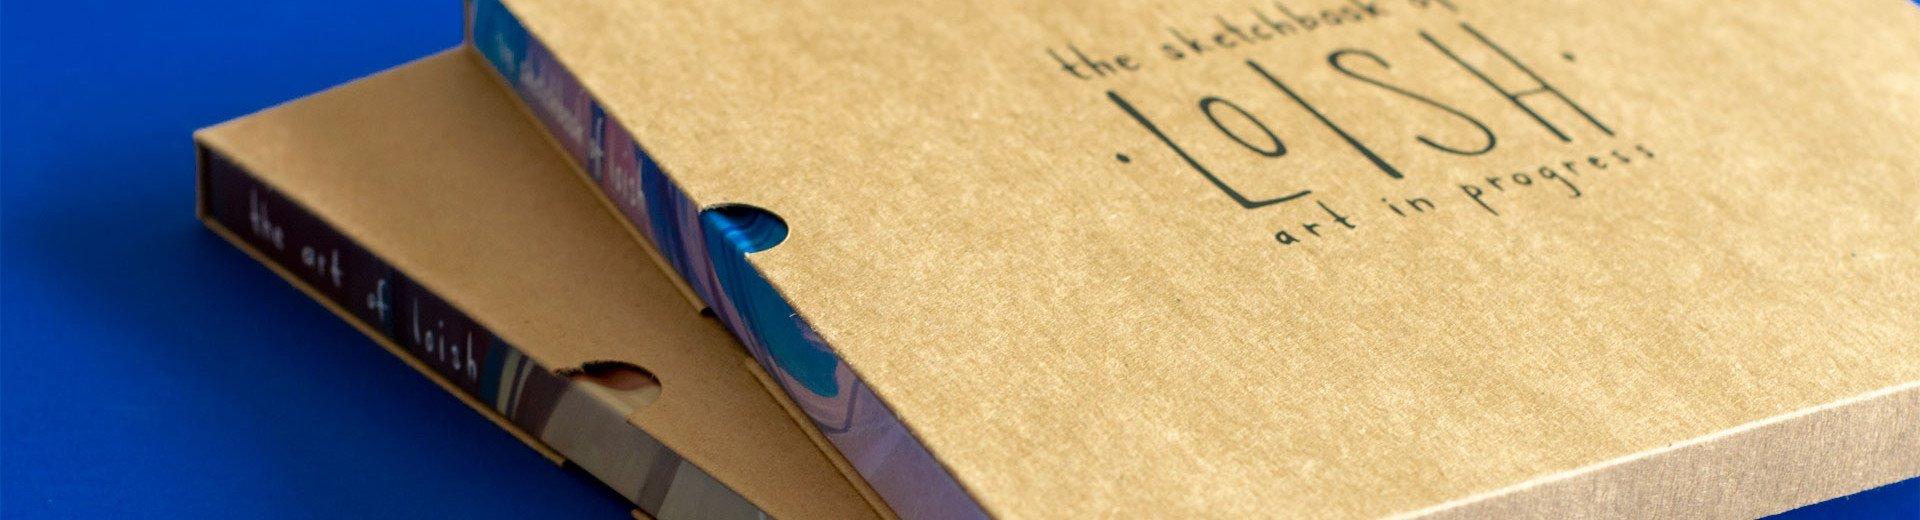 Okładka artykułu Artbook czy szkicownik? — Recenzja drugiej książki Loish van Baarle